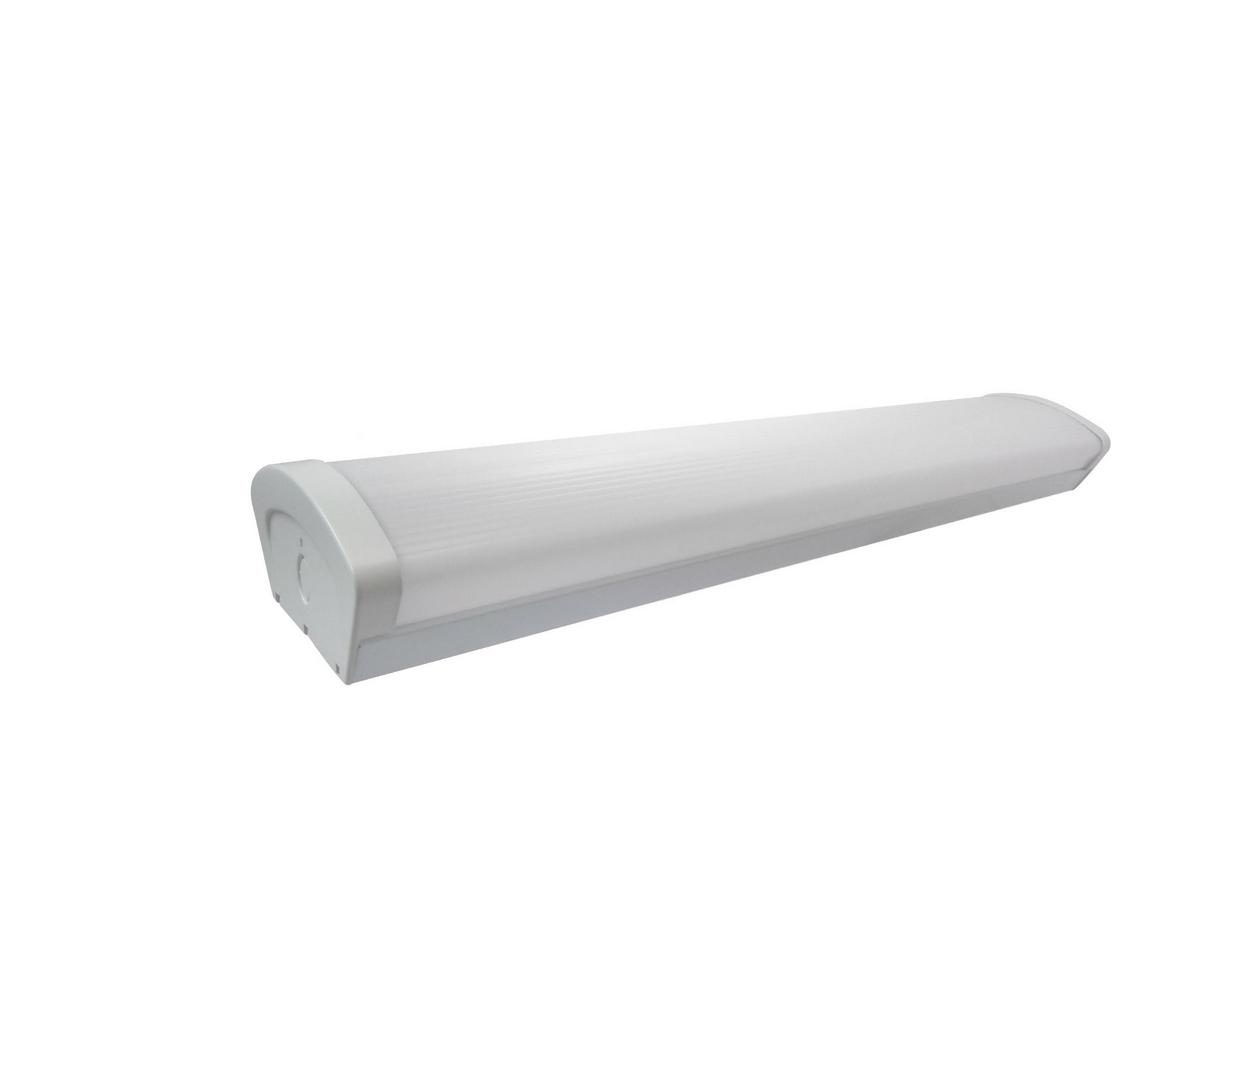 Zářivkové svítidlo MIRA LED pro LED trubice 2xT8 - 60cm (mléčný) - Greenlux (GXZS020)